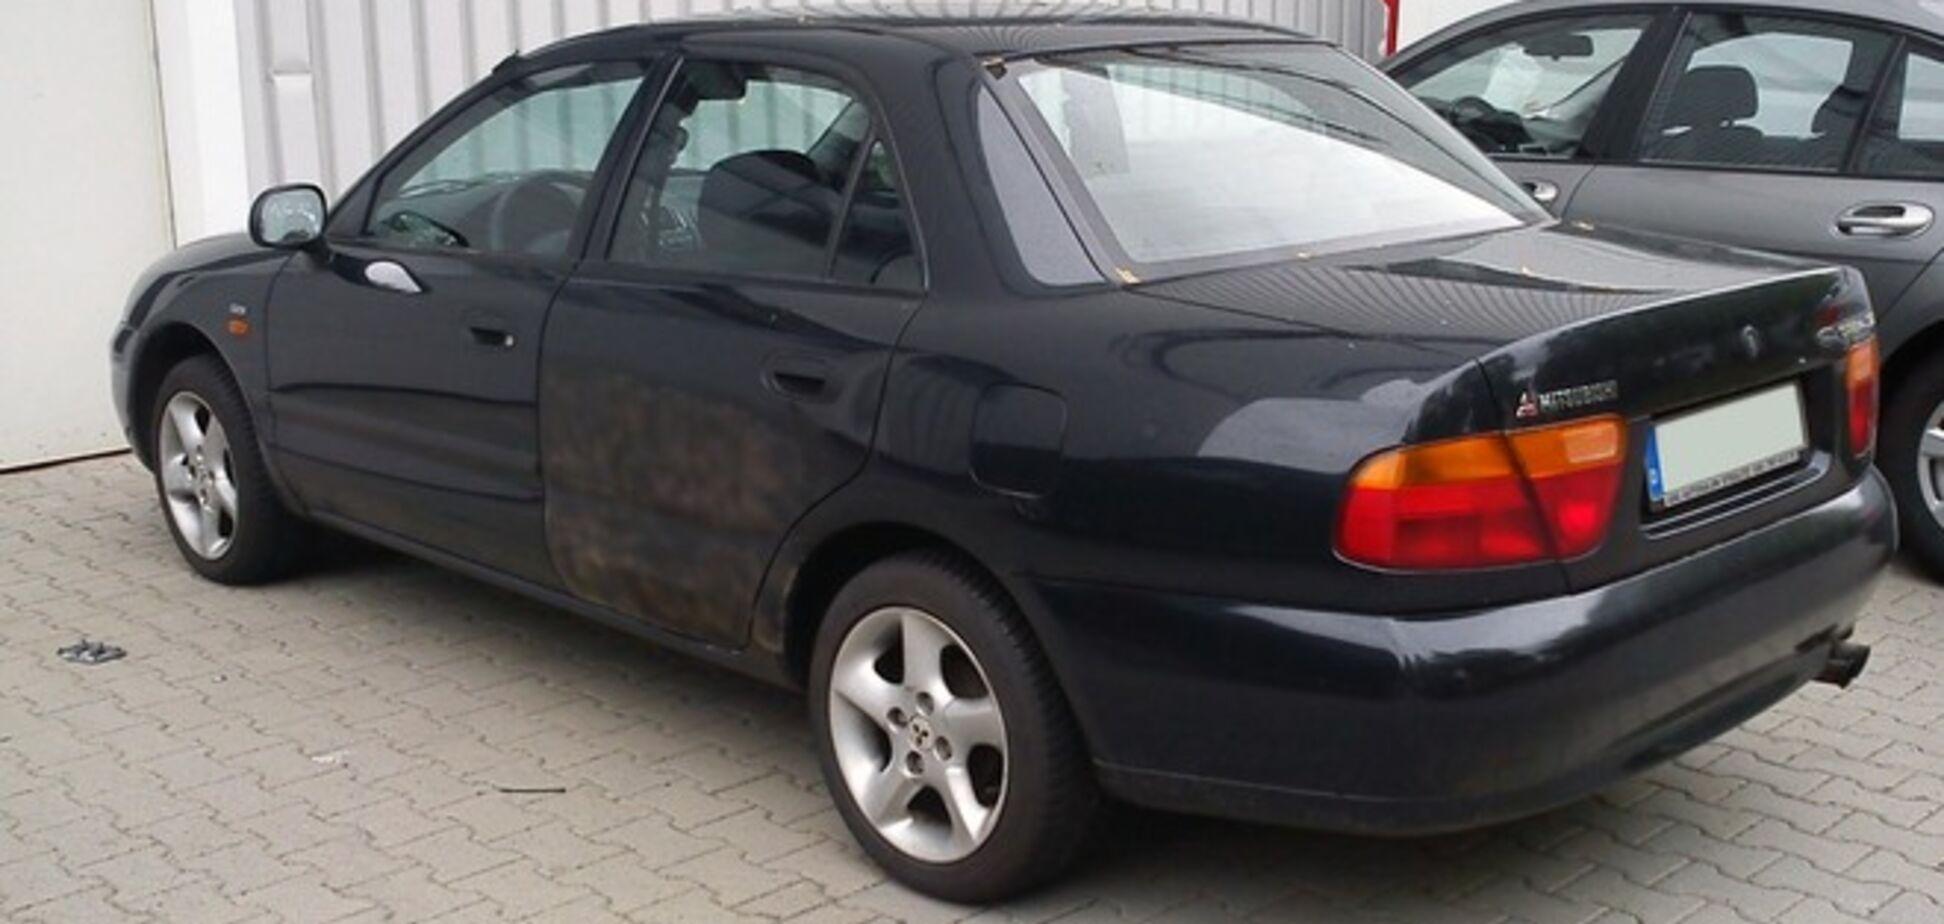 В Чернигове взорвали Mitsubishi-Carisma: в авто нашли обломки гранаты